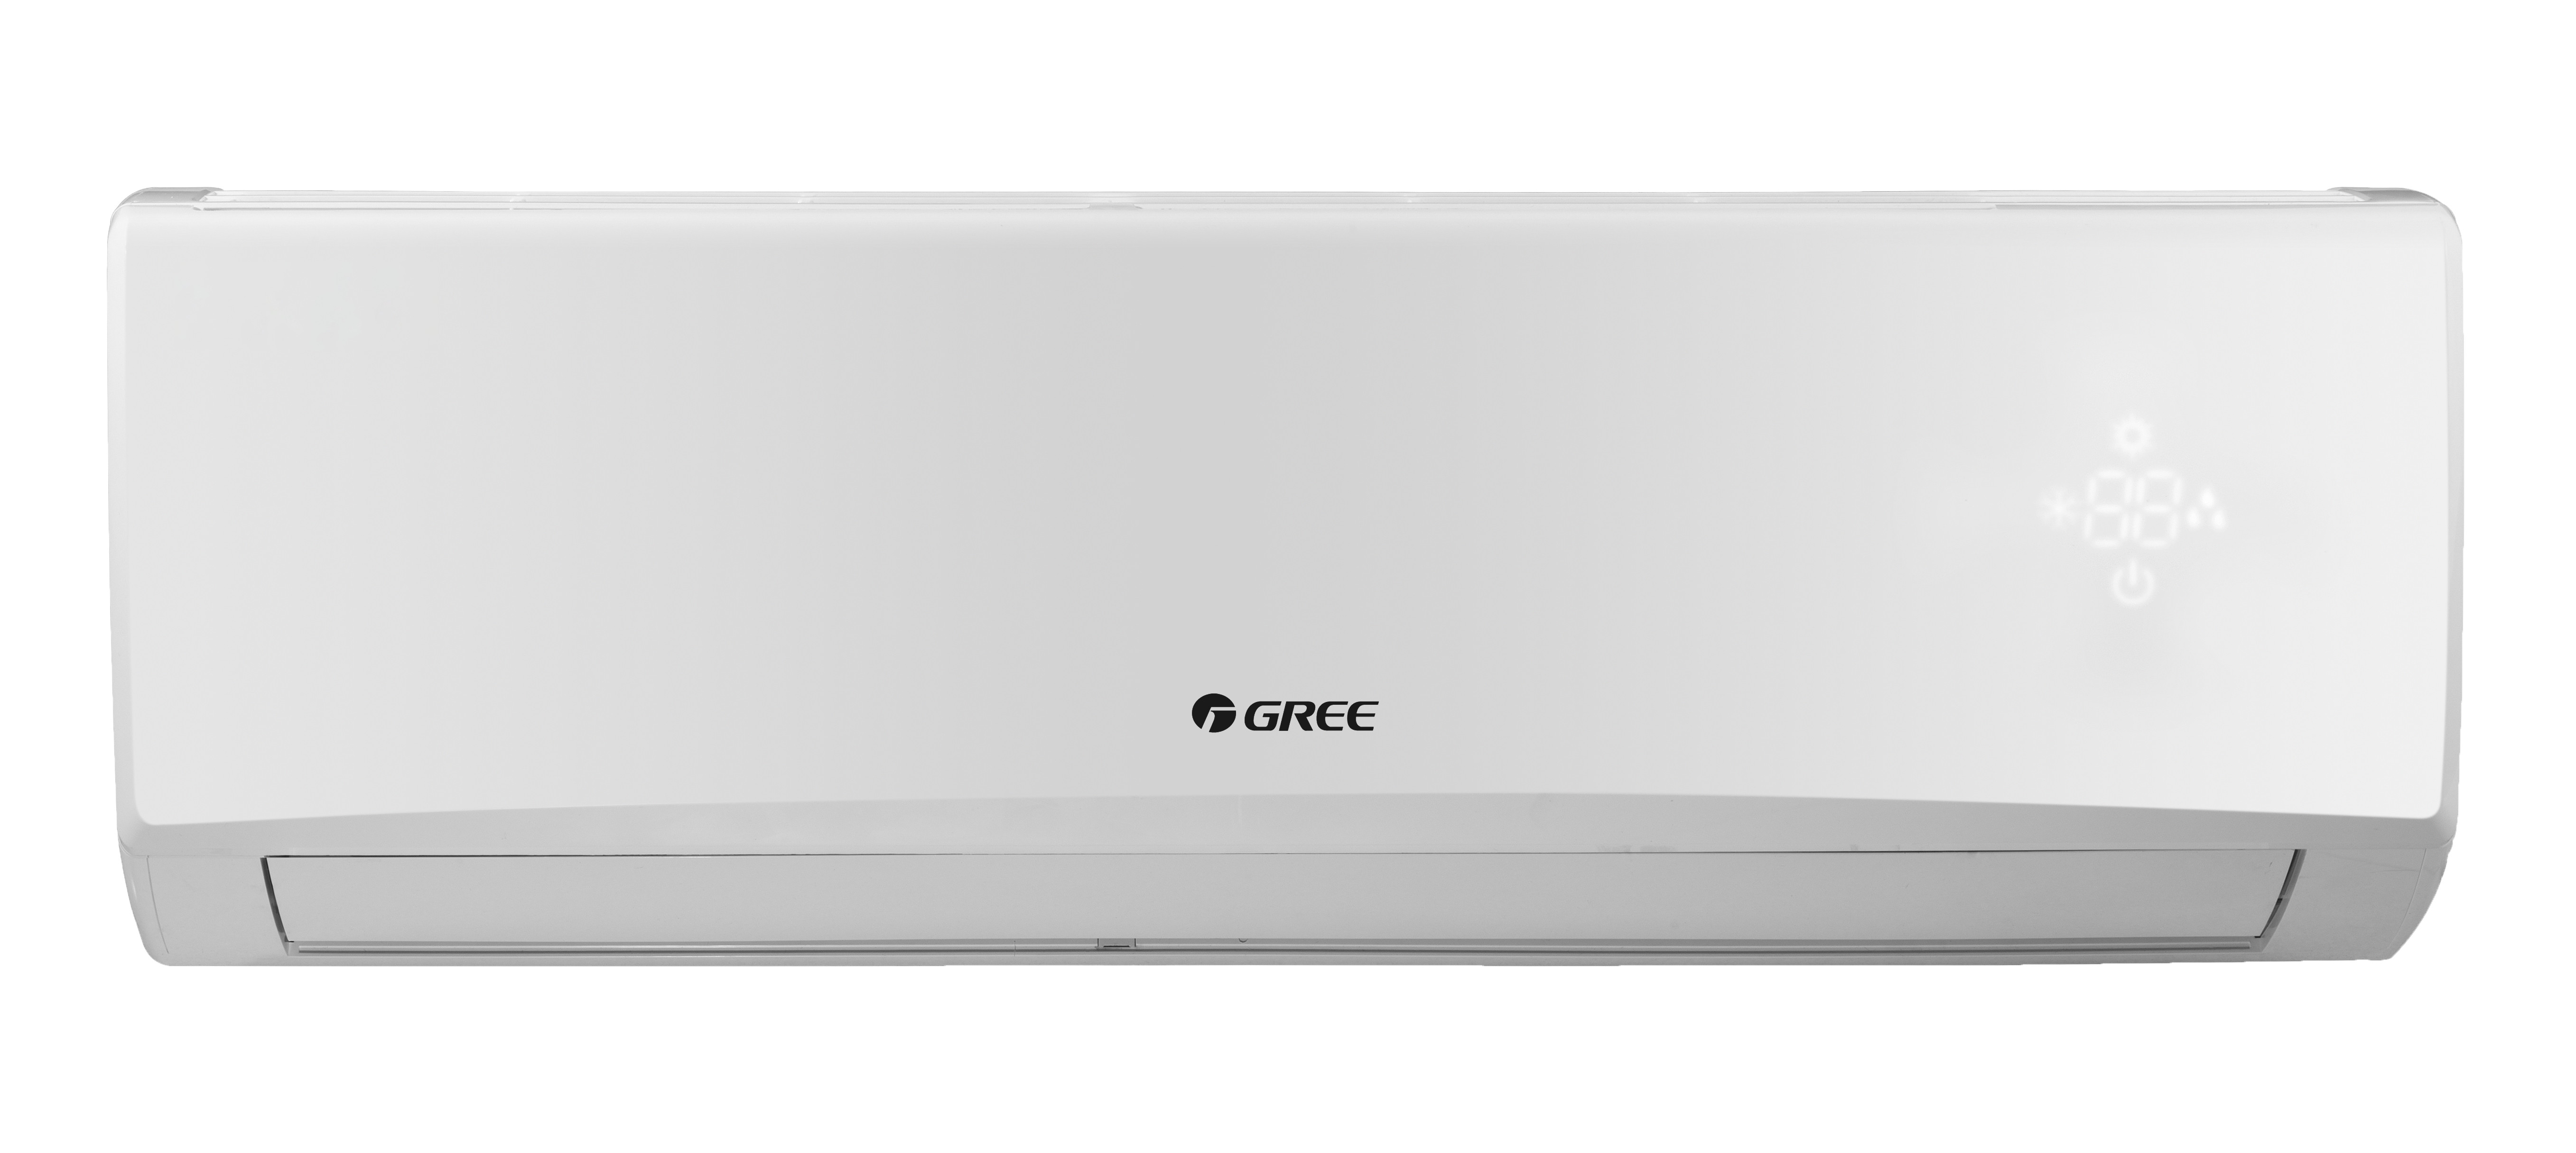 Điều hòa Gree- công nghệ Real Cool - 1.5 HP (11.601 BTU) - KOOL GWC12KC-K6N0C4 (Trắng) Giao Hàng HN&HCM